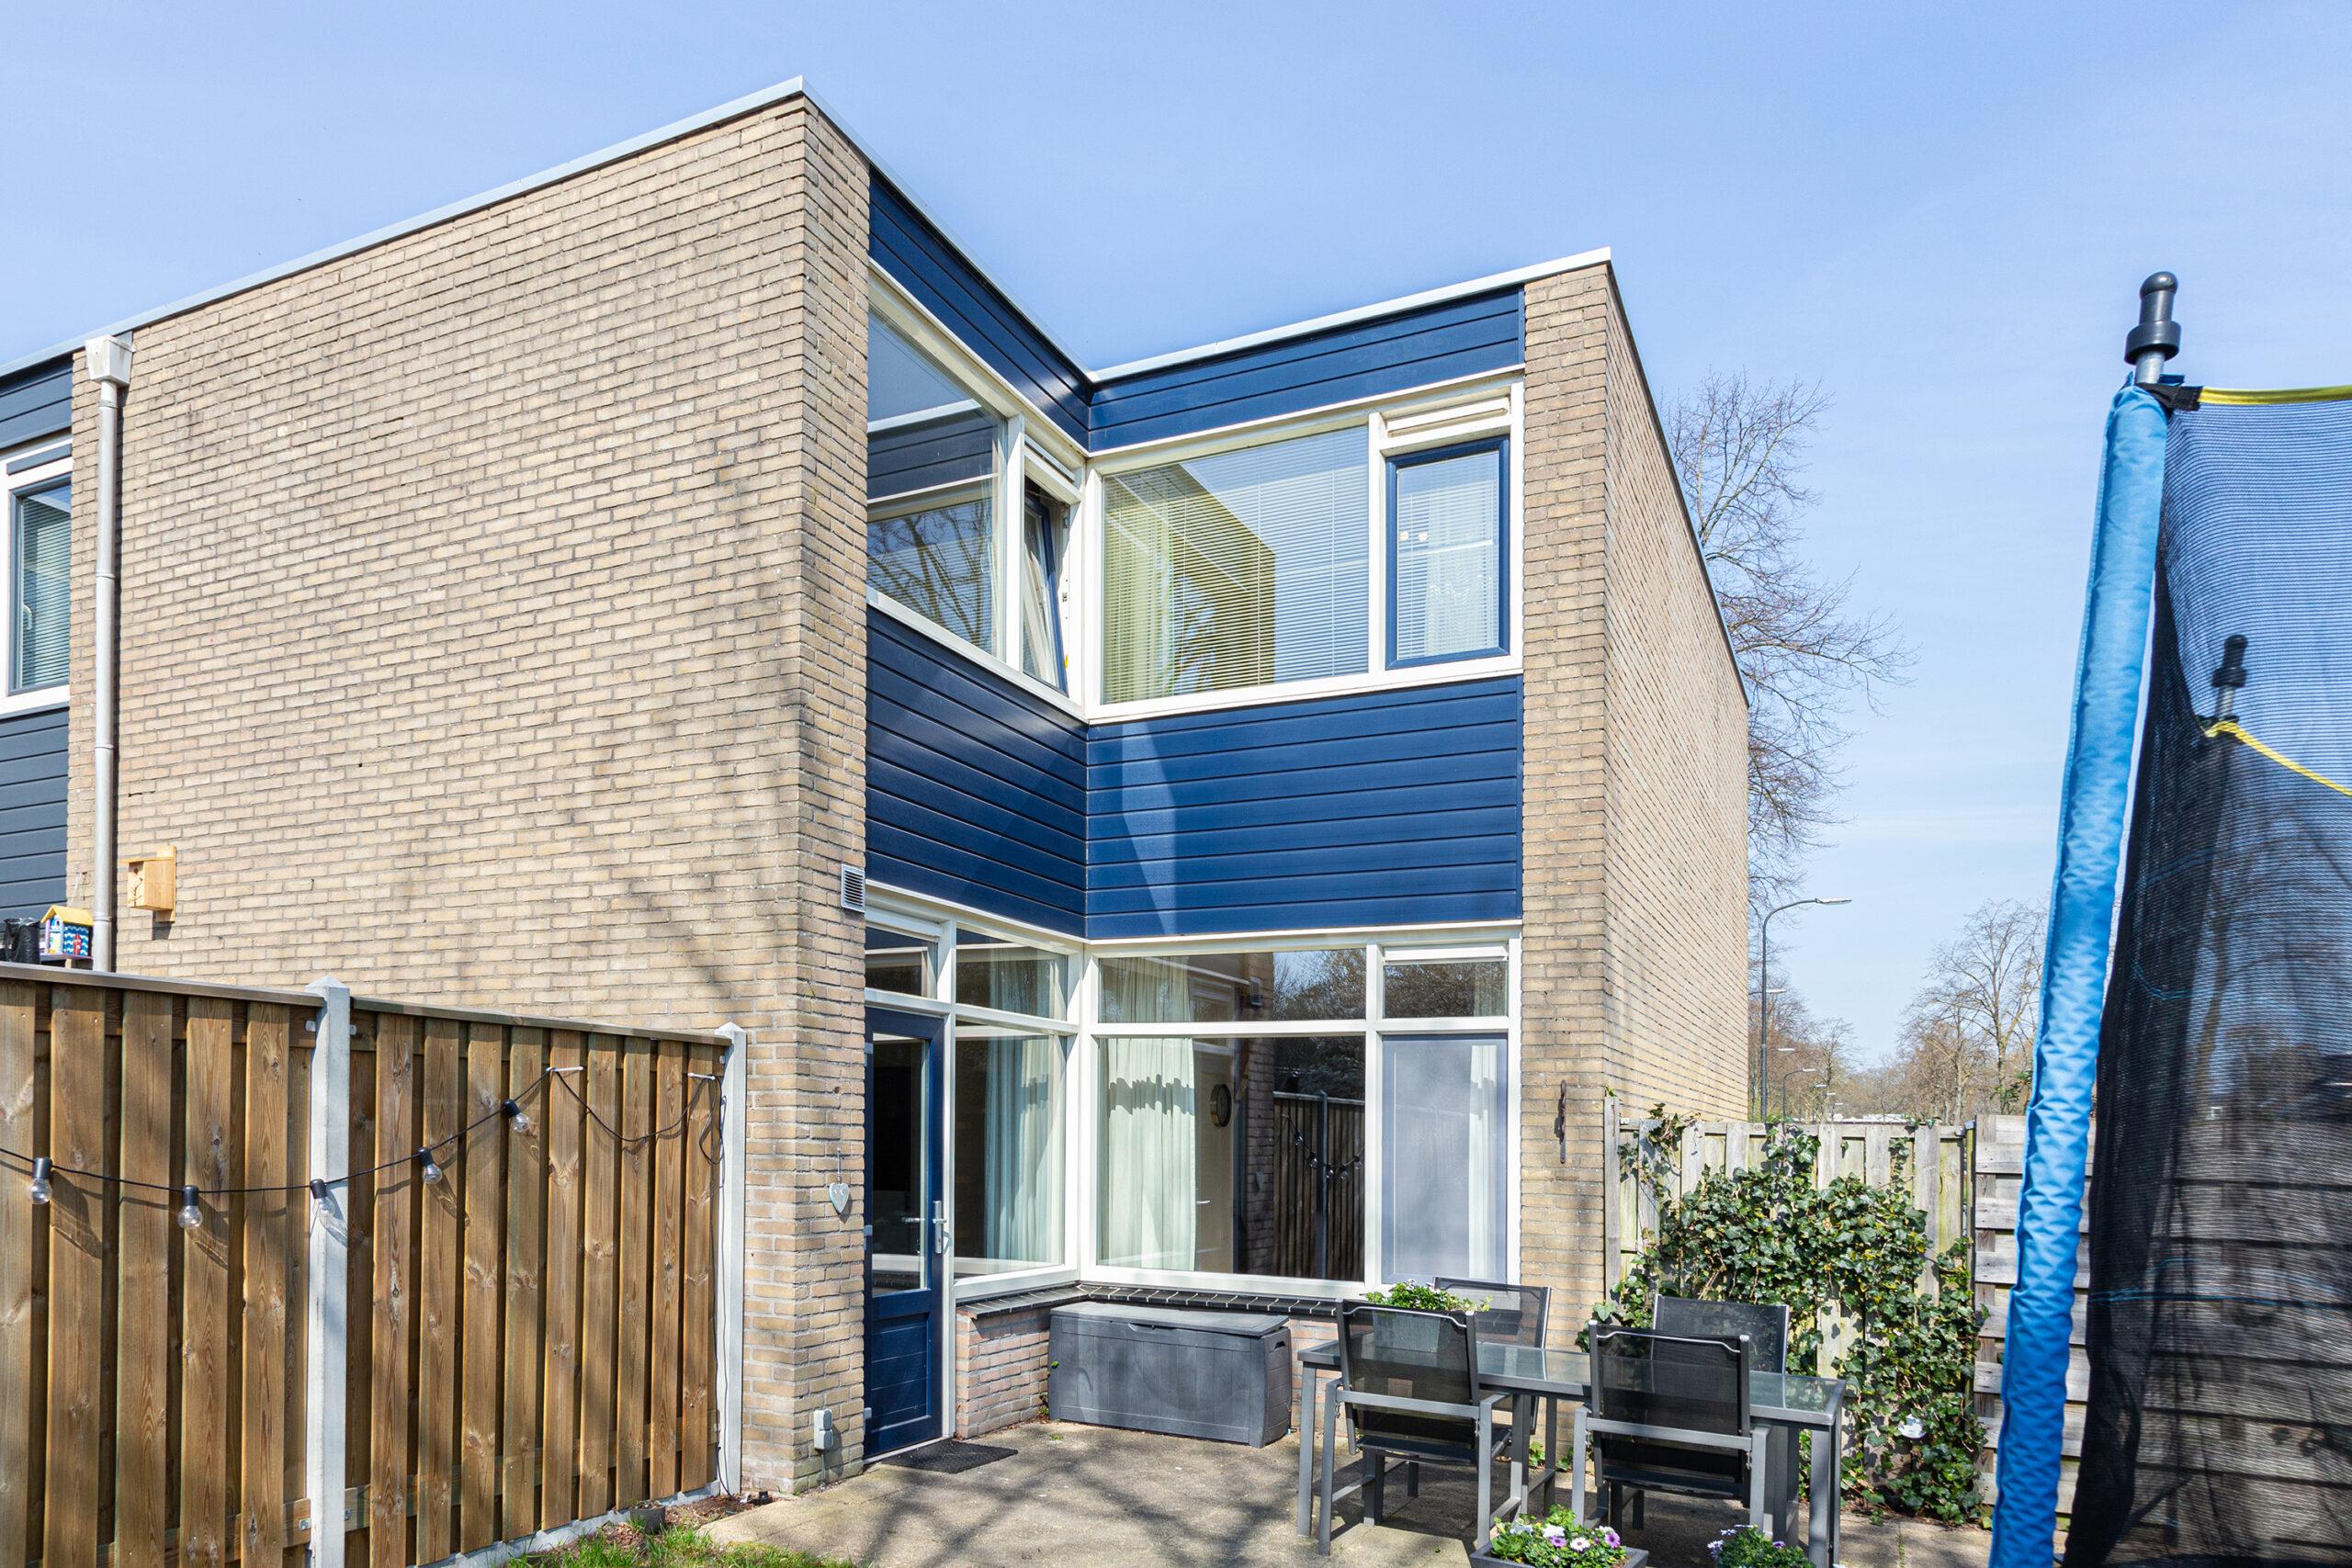 Rietdekkersdreef 101 Apeldoorn (29)